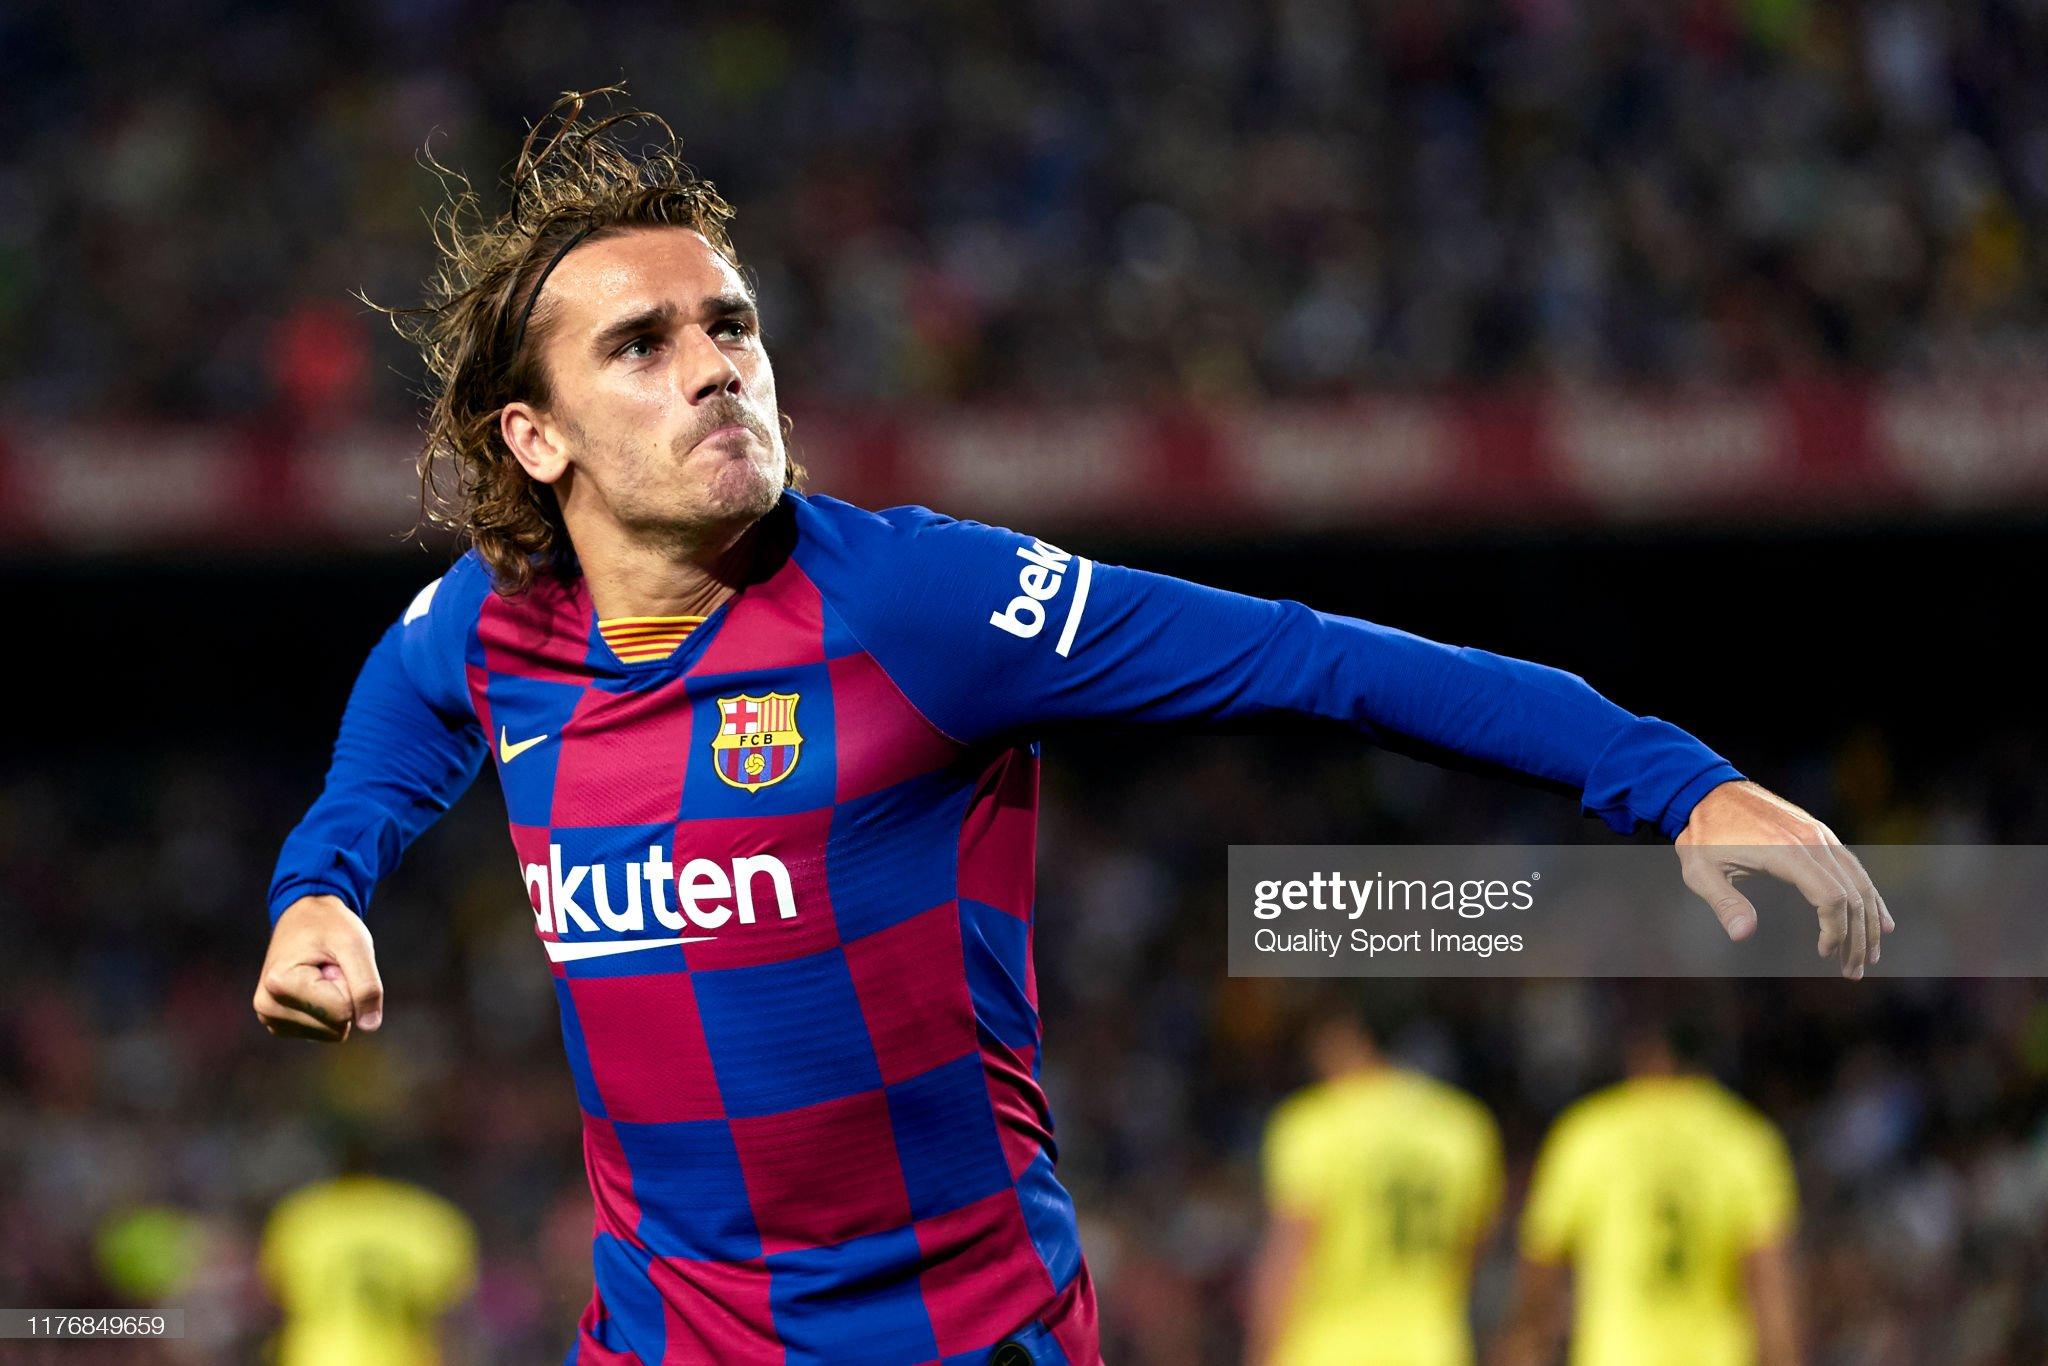 صور مباراة : برشلونة - فياريال 2-1 ( 24-09-2019 )  Antoine-griezmann-of-fc-barcelona-celebrates-their-teams-first-goal-picture-id1176849659?s=2048x2048